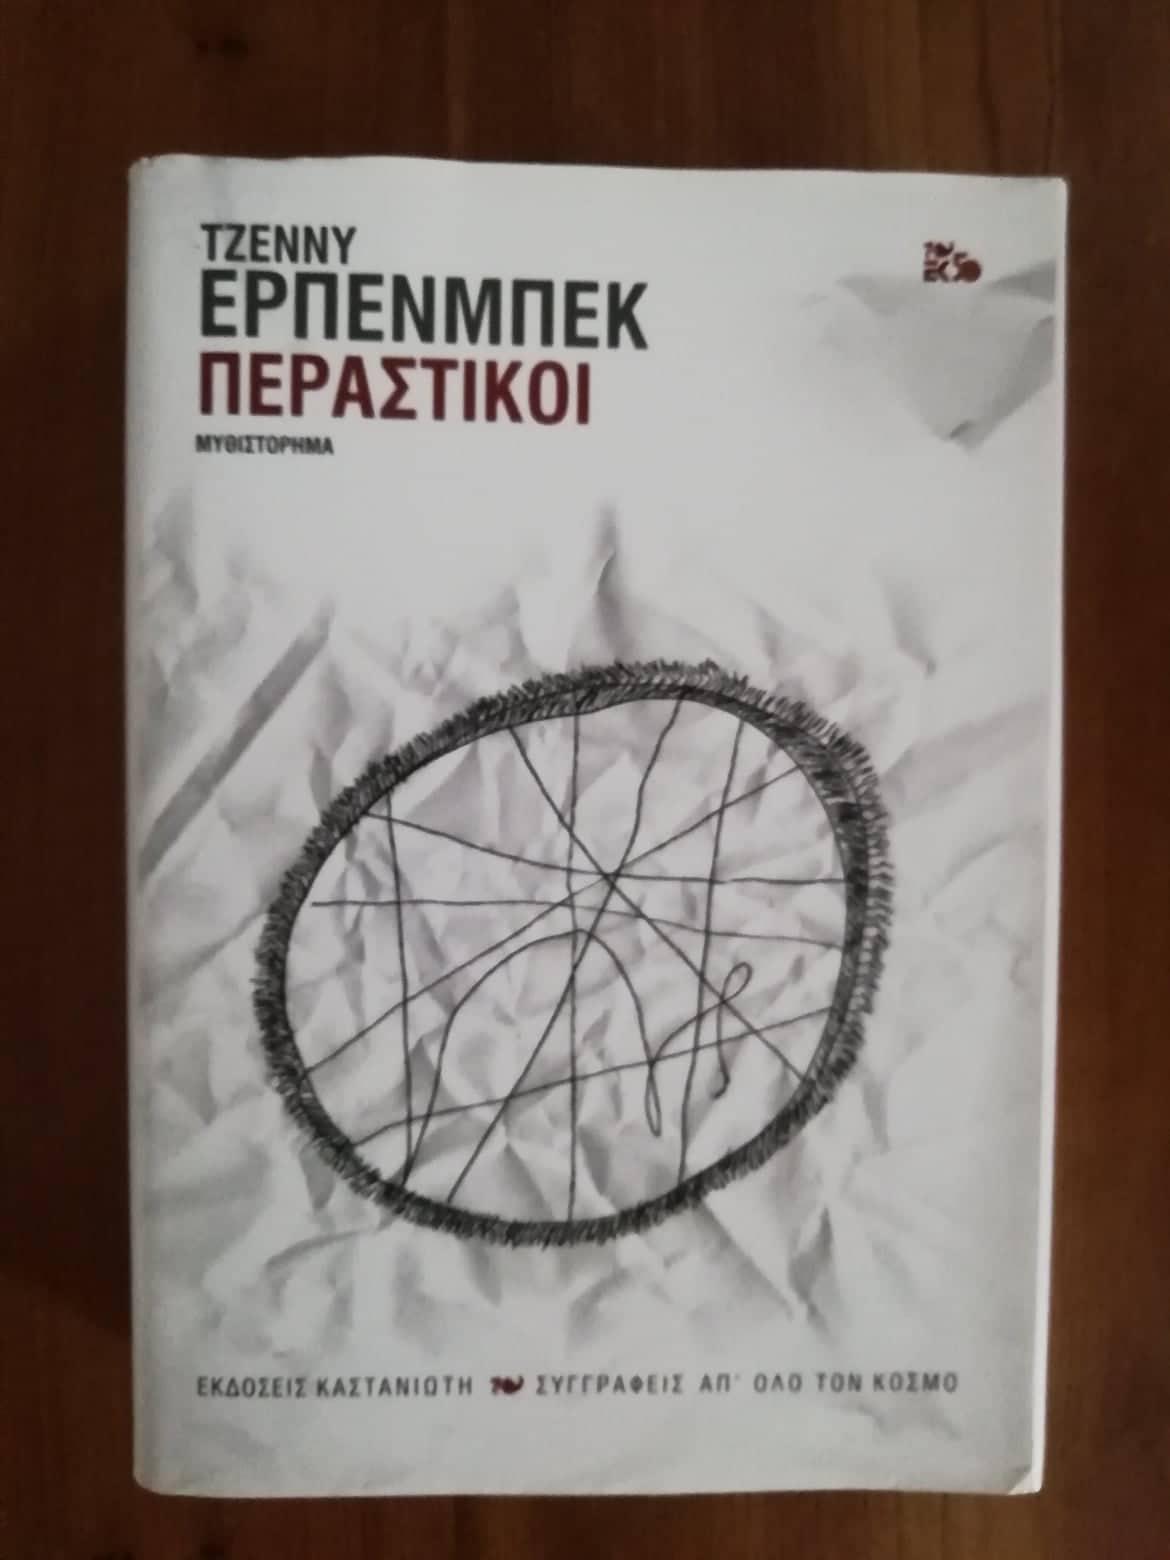 30 κομμάτια συμβουλές γνωριμιών από τη λογοτεχνία που είναι η Σελίνα Γκόμεζ που χρονολογείται από το Νοέμβριο 2013